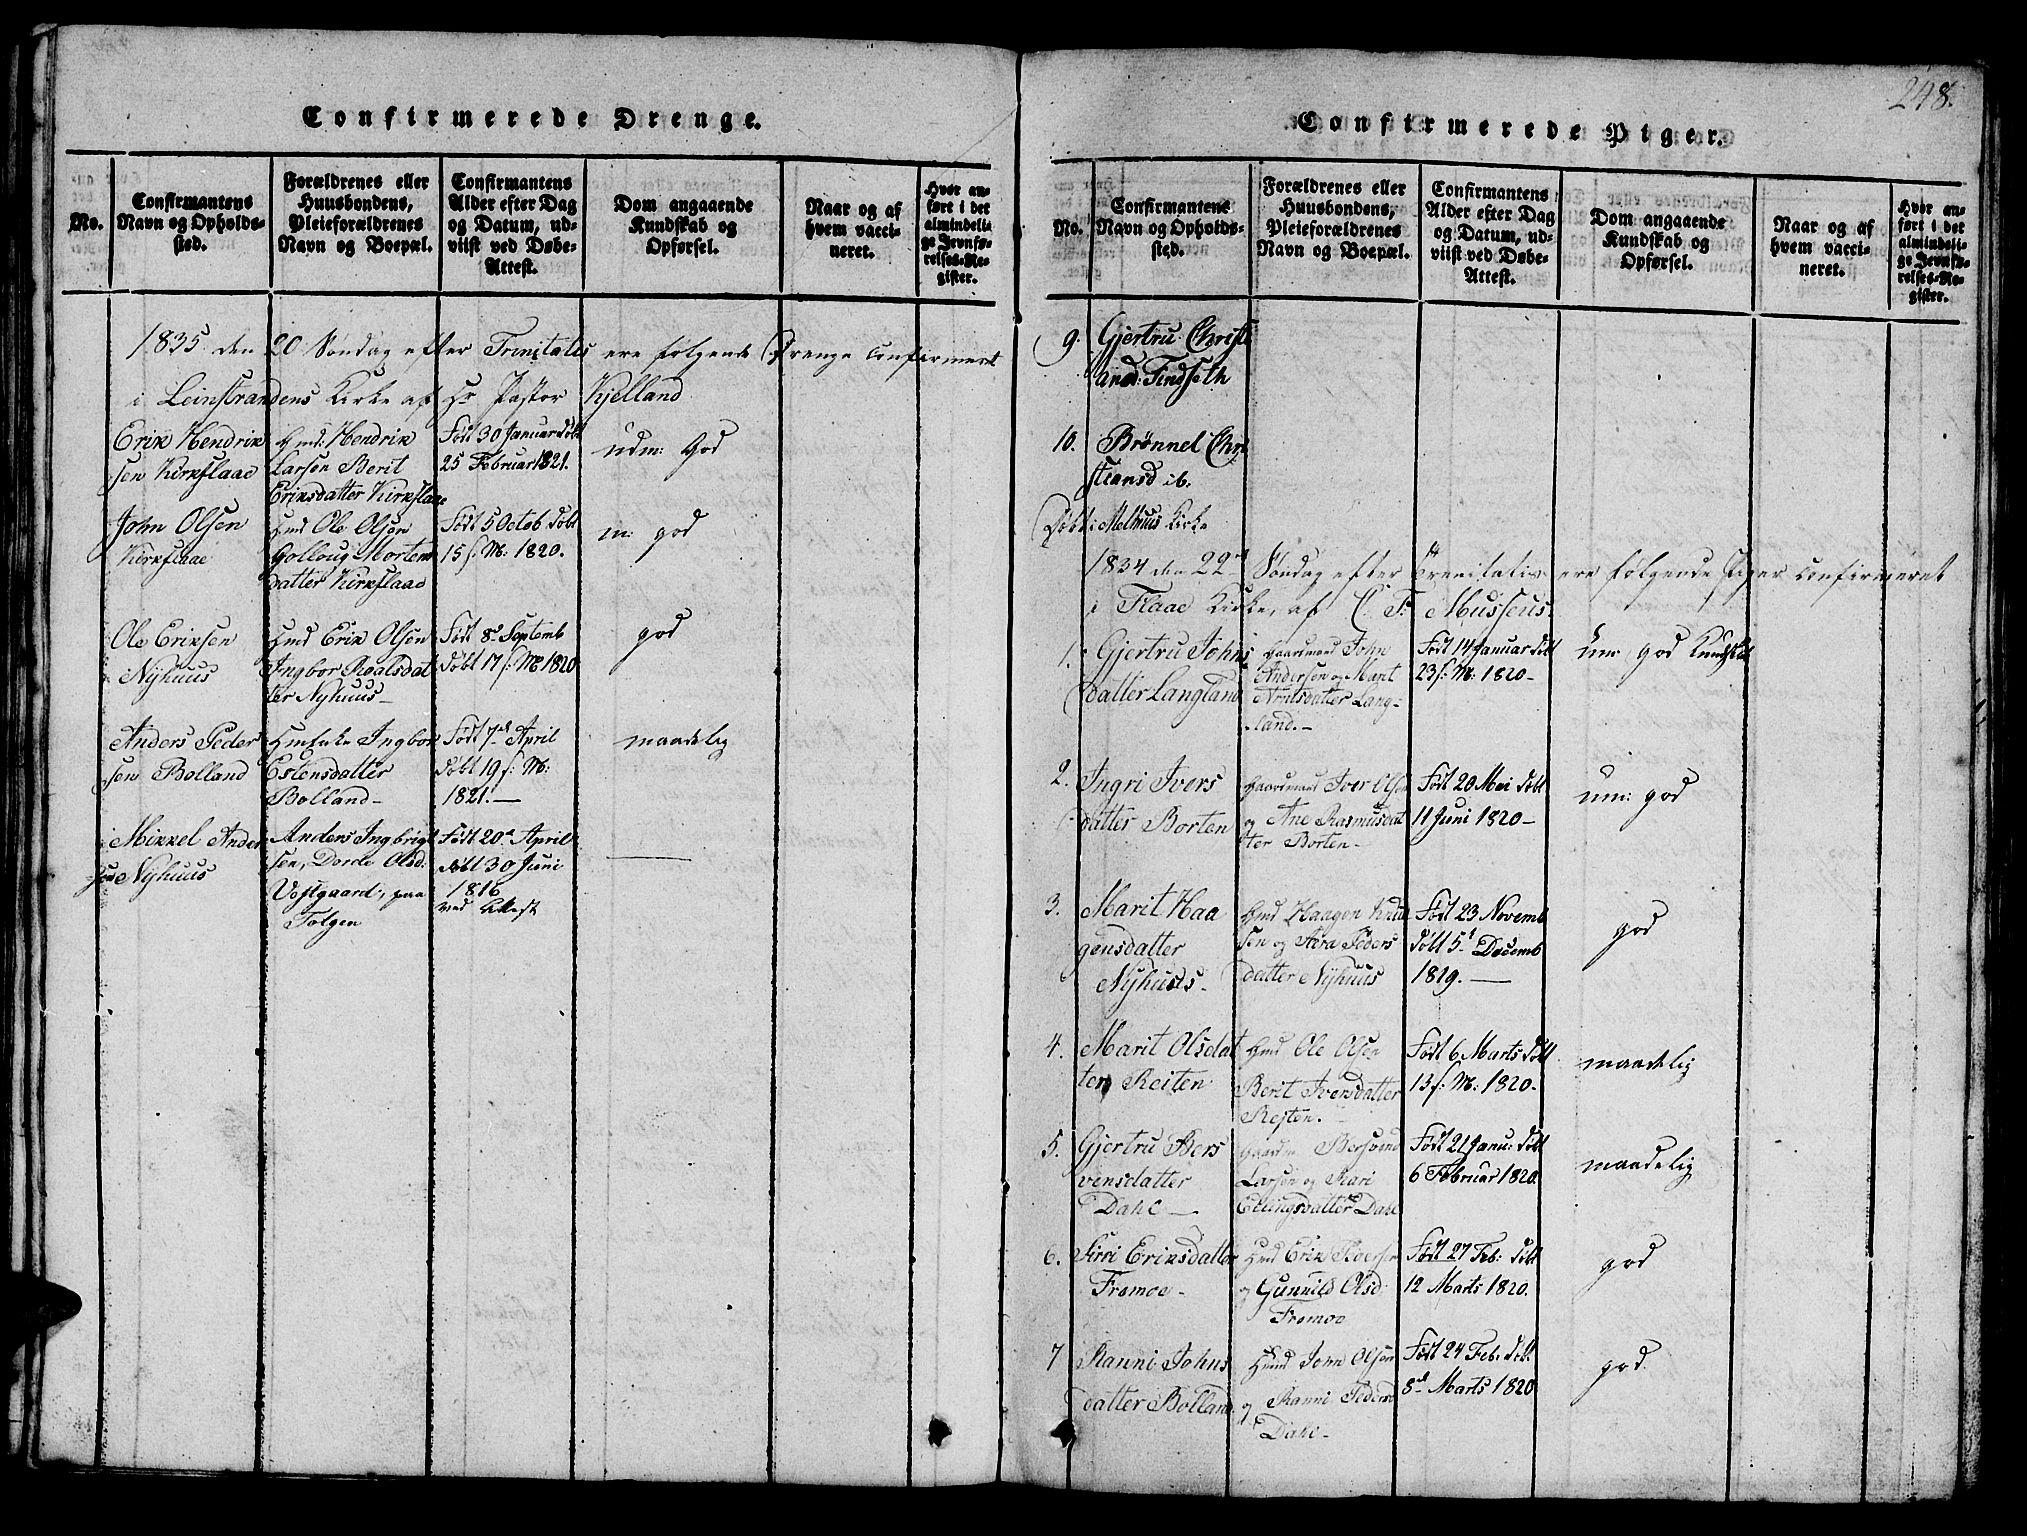 SAT, Ministerialprotokoller, klokkerbøker og fødselsregistre - Sør-Trøndelag, 693/L1121: Klokkerbok nr. 693C02, 1816-1869, s. 248